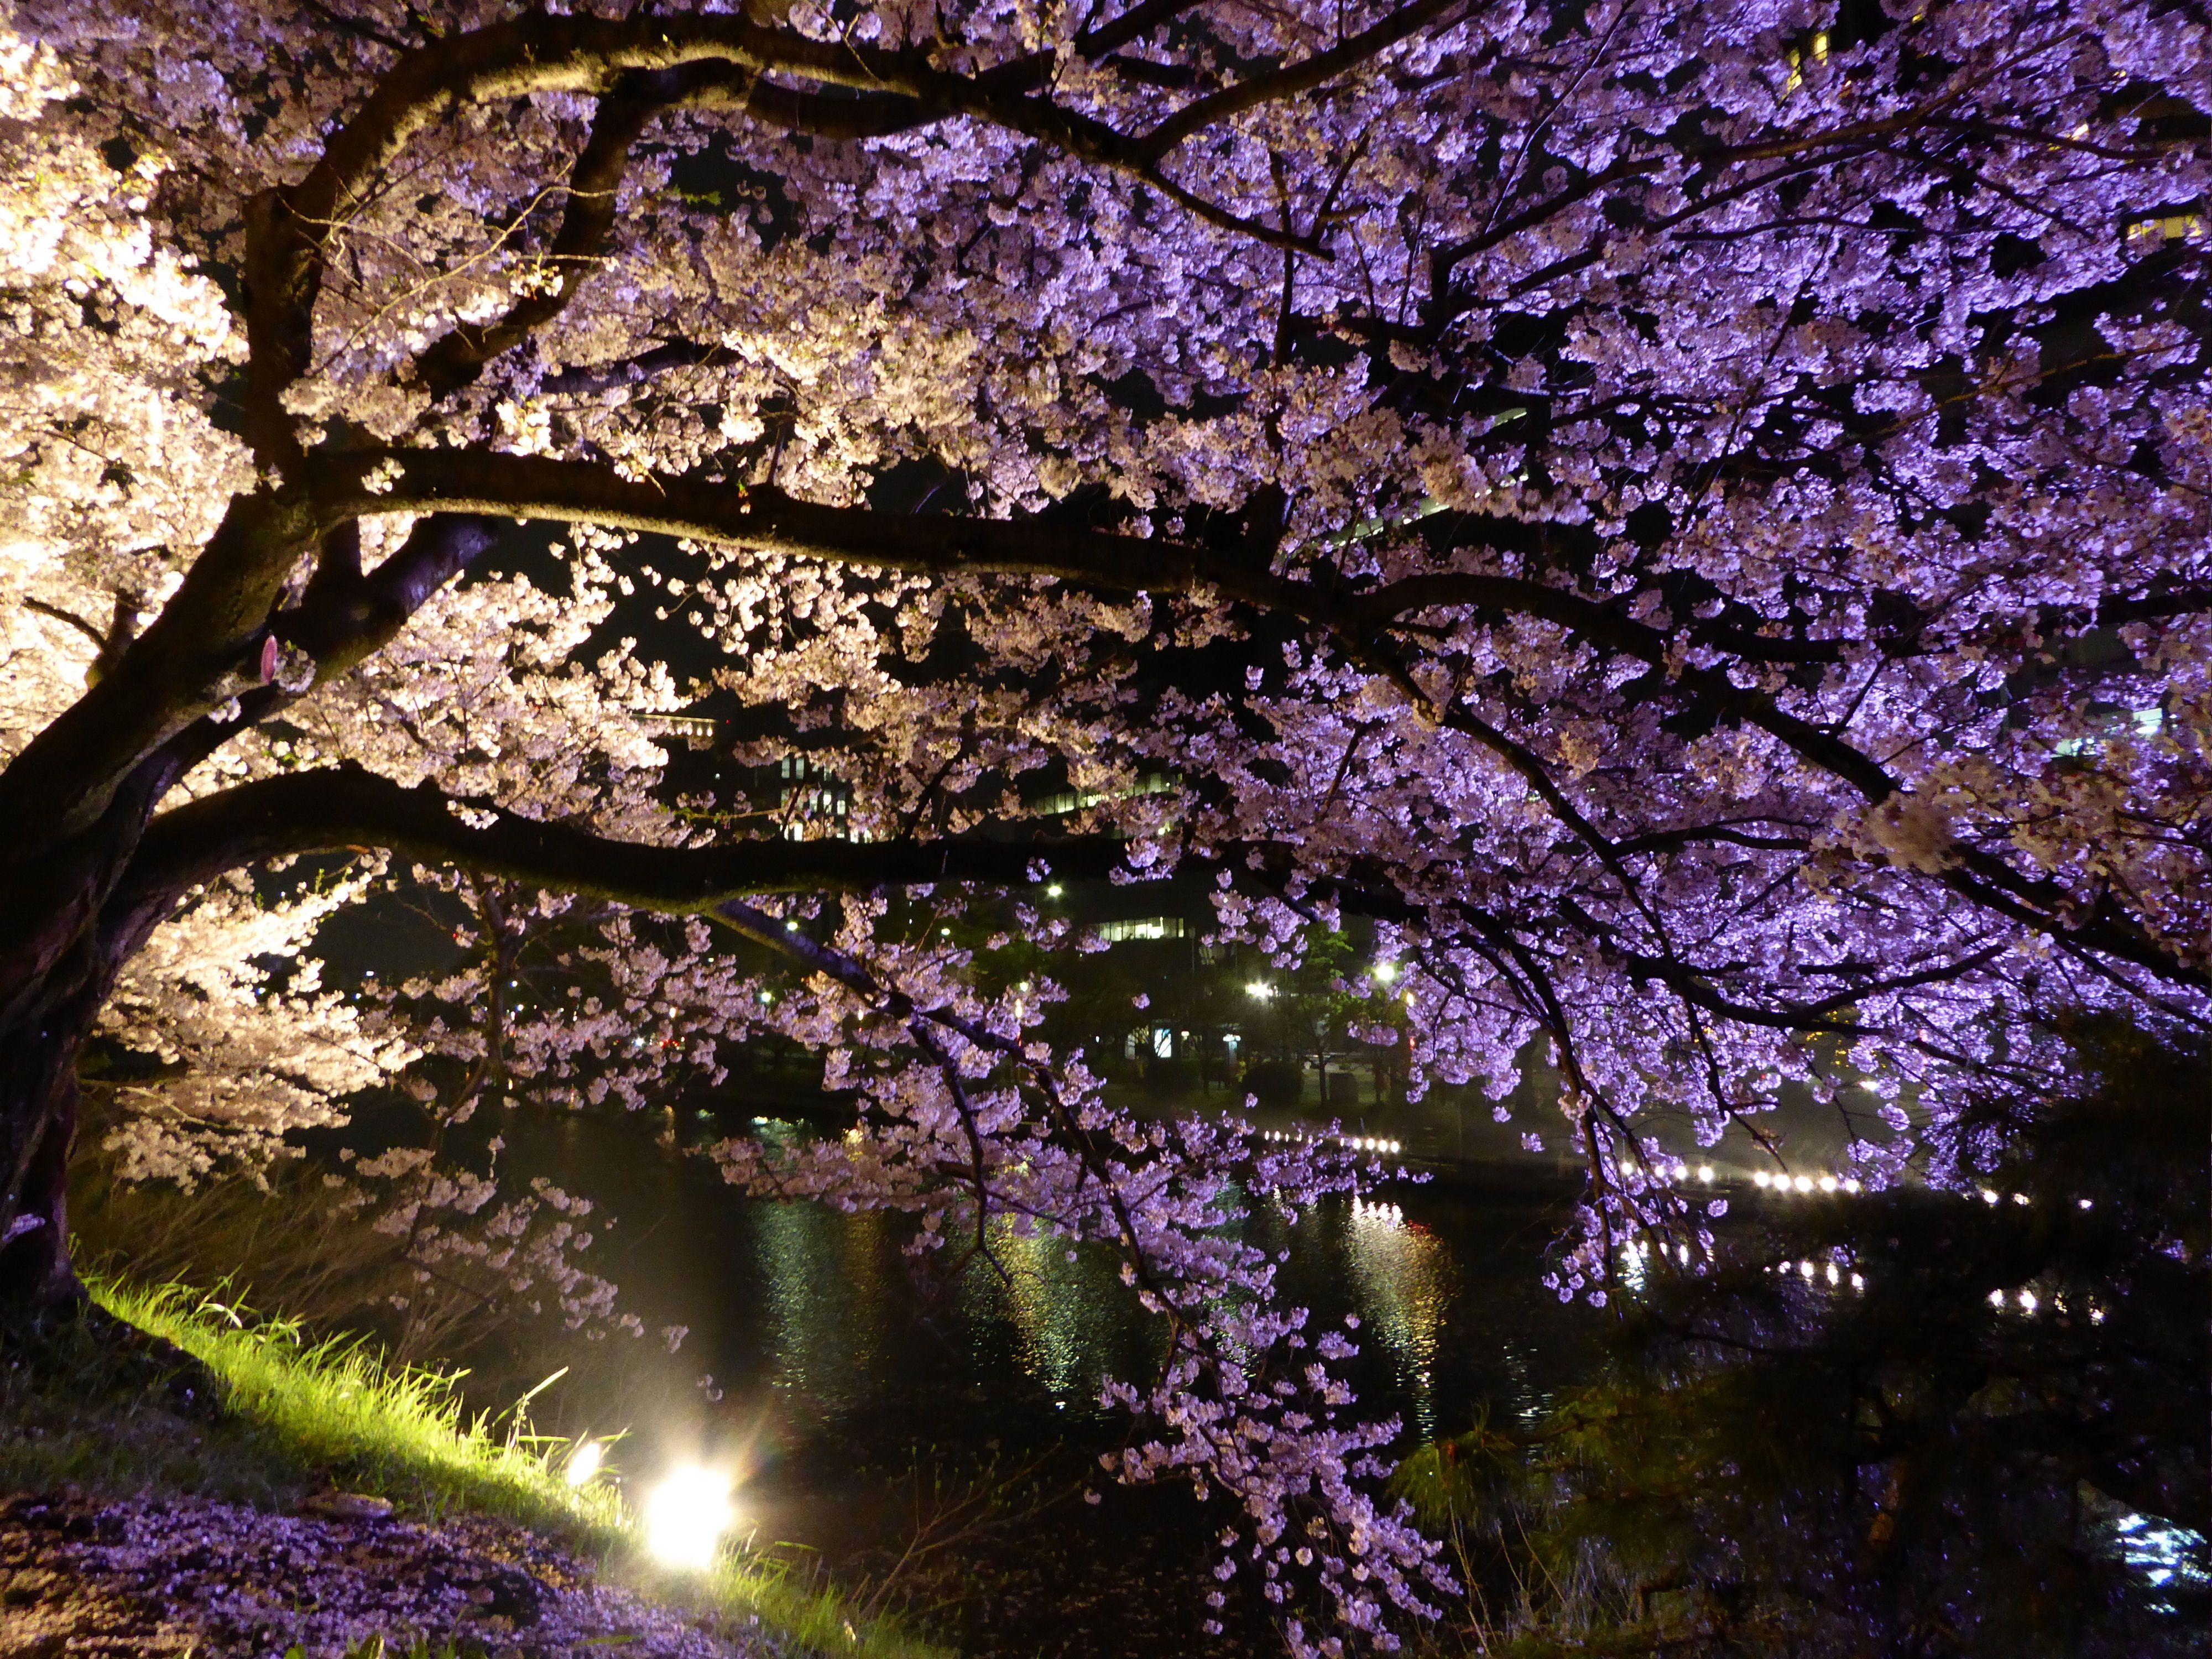 Cherry Blossom Tree At Night Fukuoka Oc 4000x3000 R Japanpics Cherry Blossom Tree Blossom Trees Tree